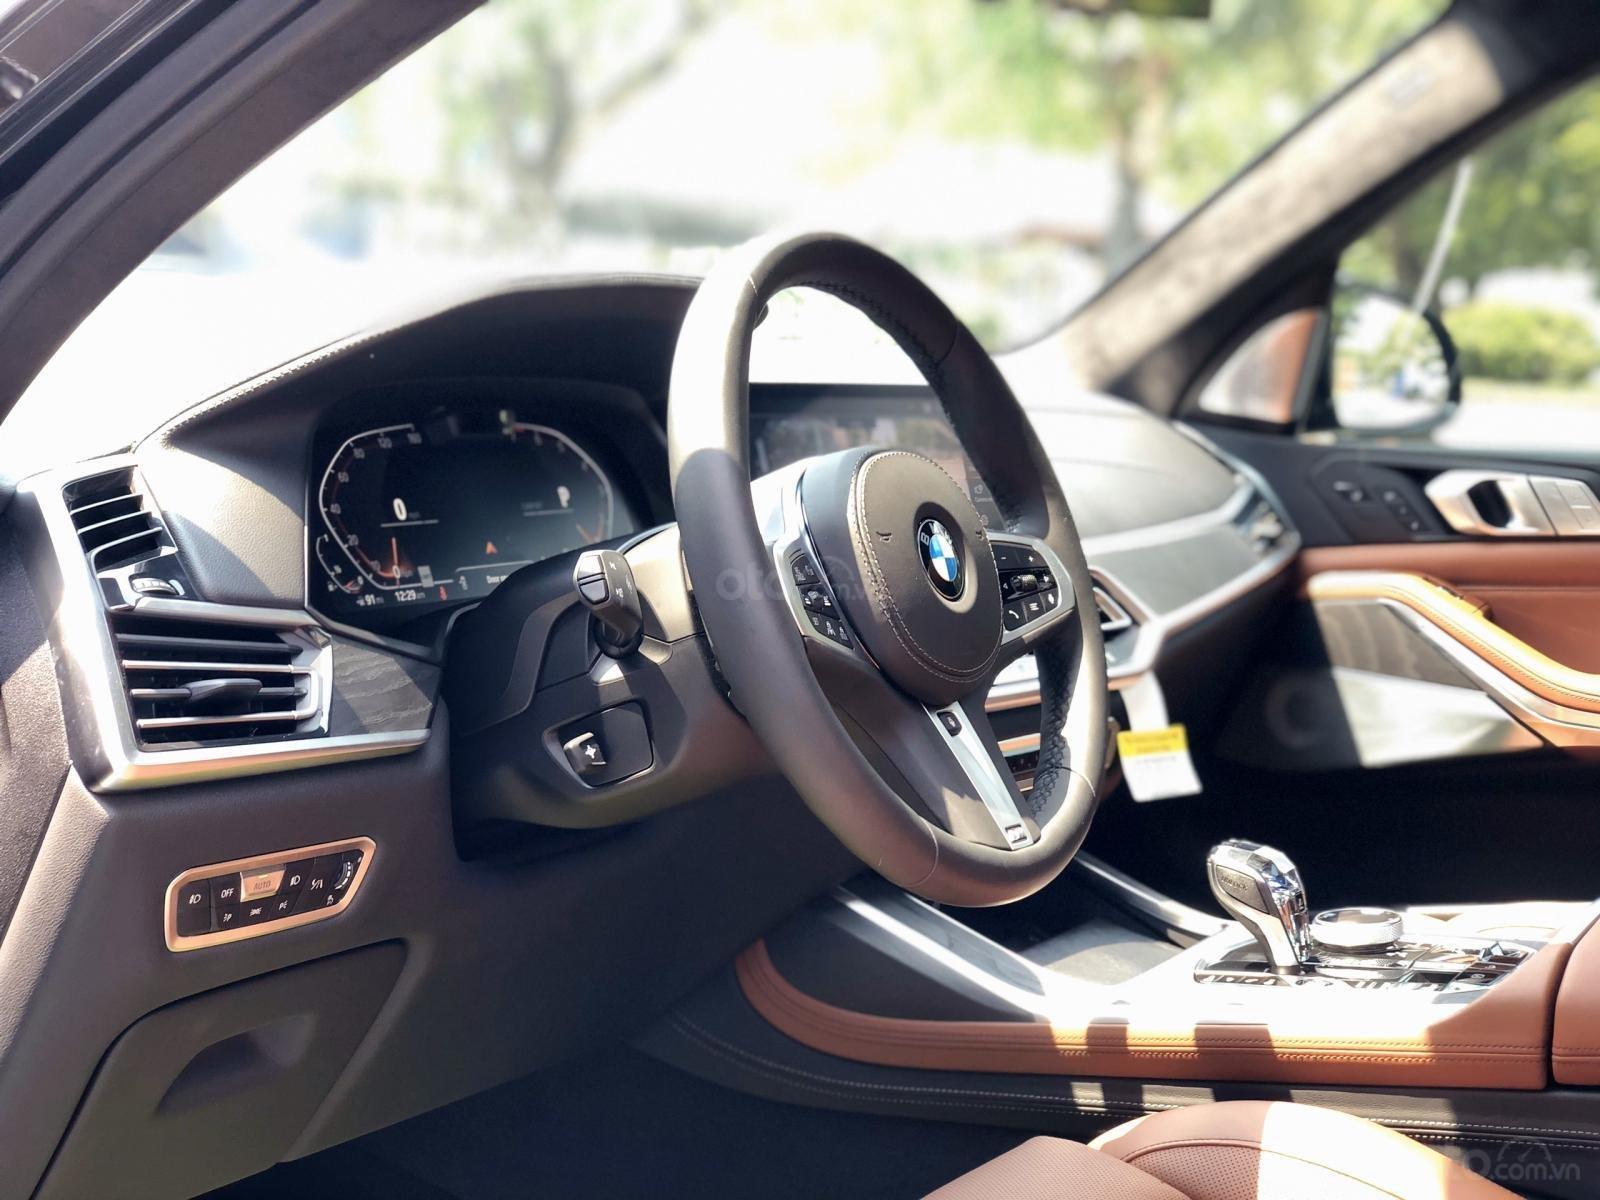 Bán BMW X7 XDrive40i M-Sport sản xuất năm 2019 full kịch option, màu đen, xe nhập Mỹ, mới 100% giao ngay, LH 0982.84.2838 (22)